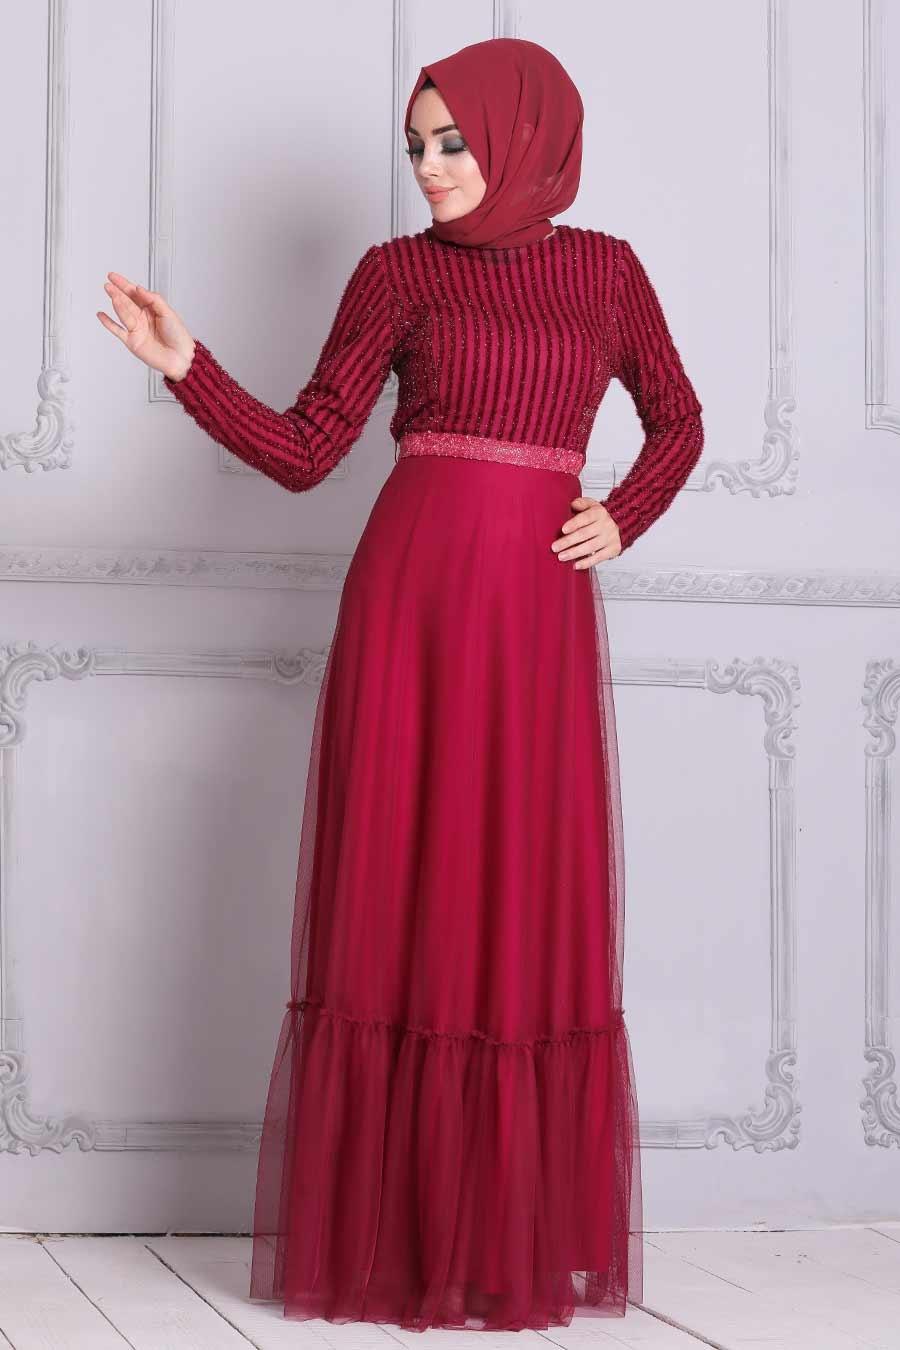 Tesettürlü Abiye Elbise - Payet Detaylı Vişne Tesettür Abiye Elbise 5317VSN